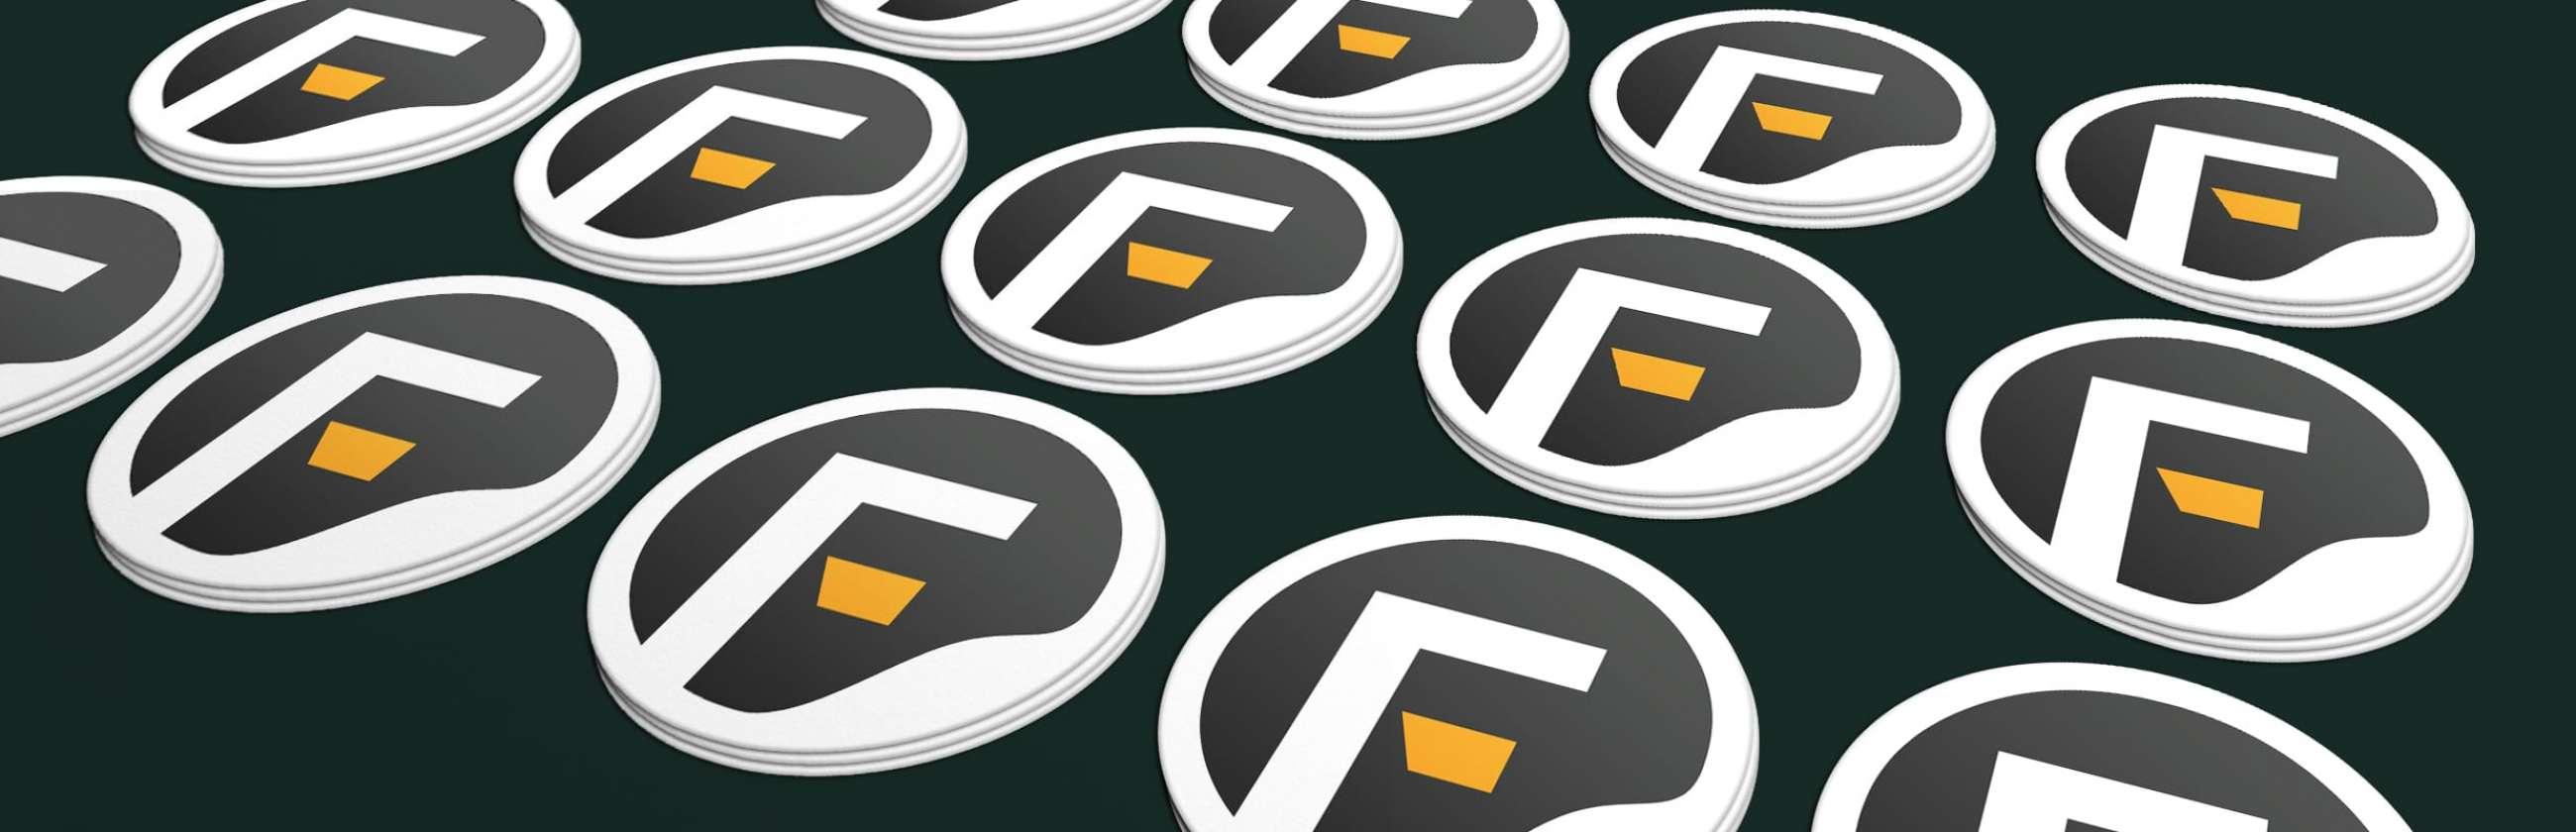 sticker-header